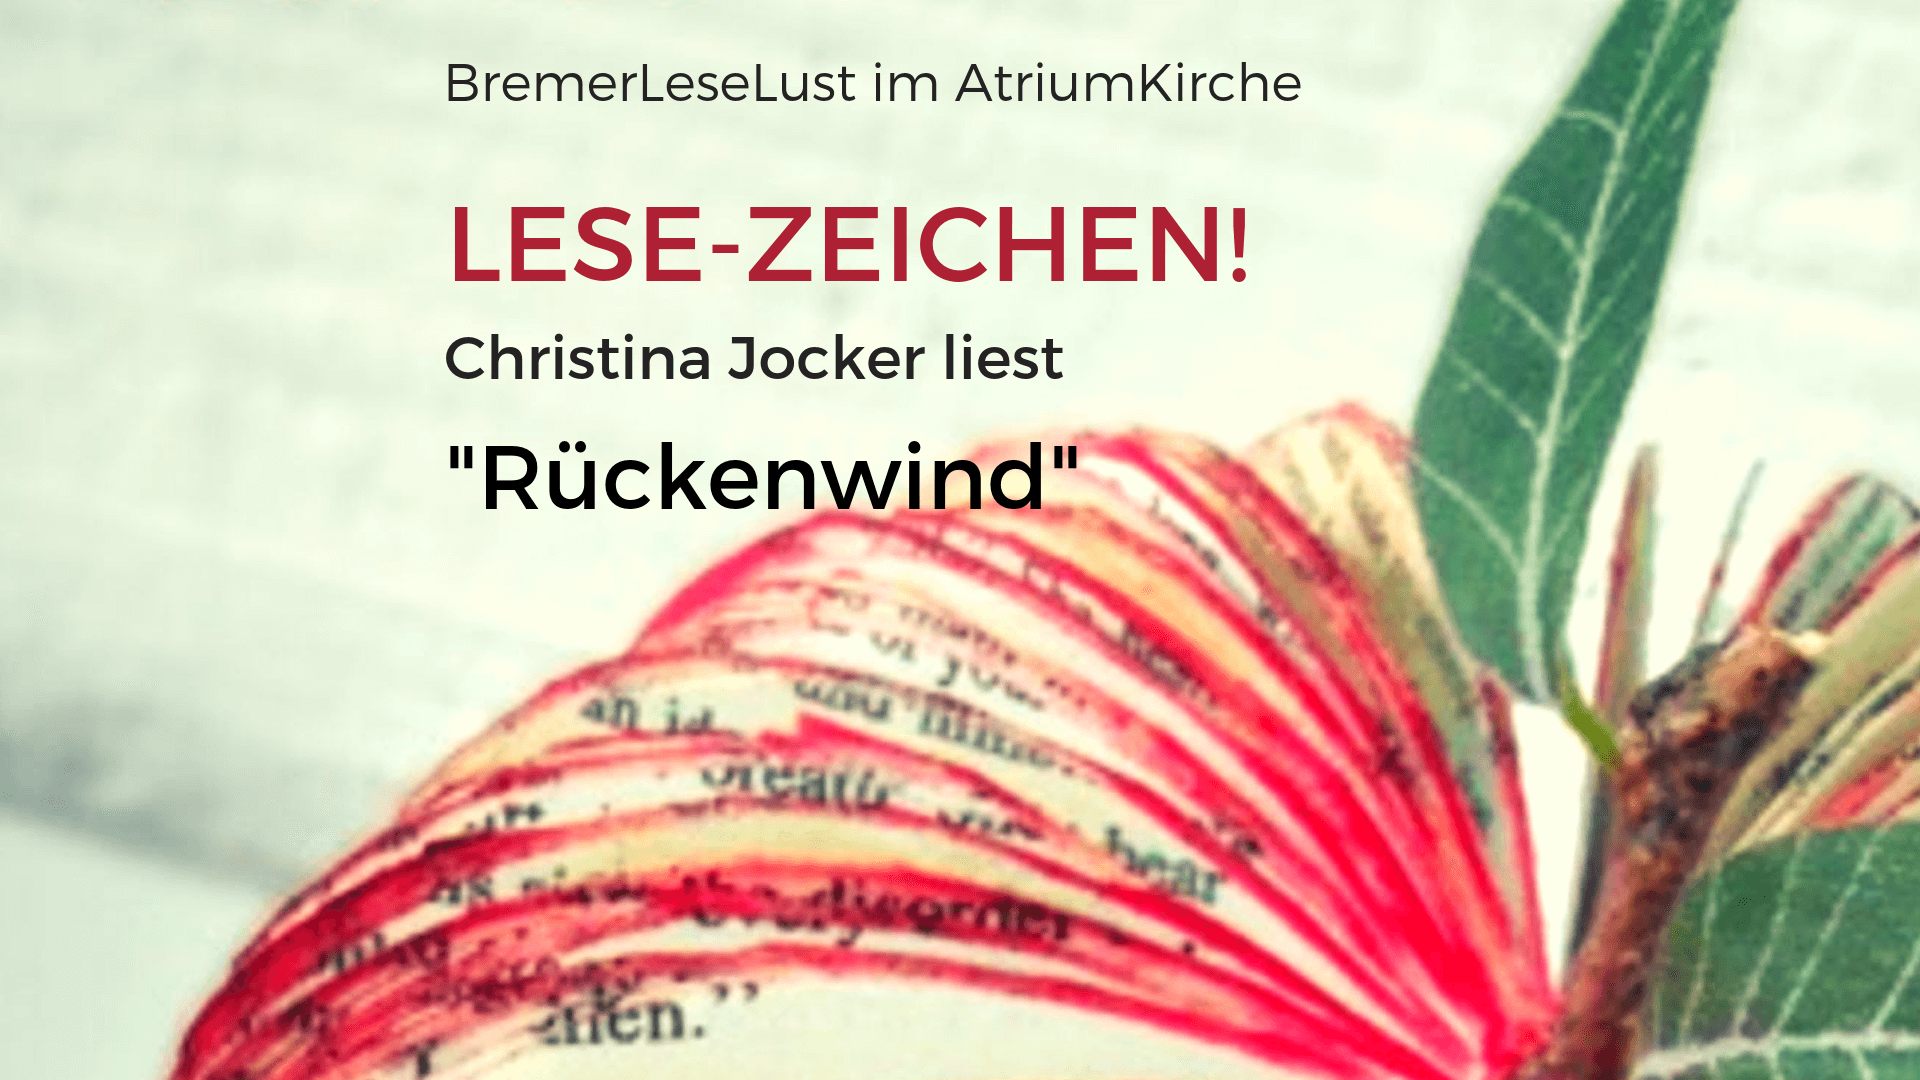 2019-08-05-LESE-ZEICHEN